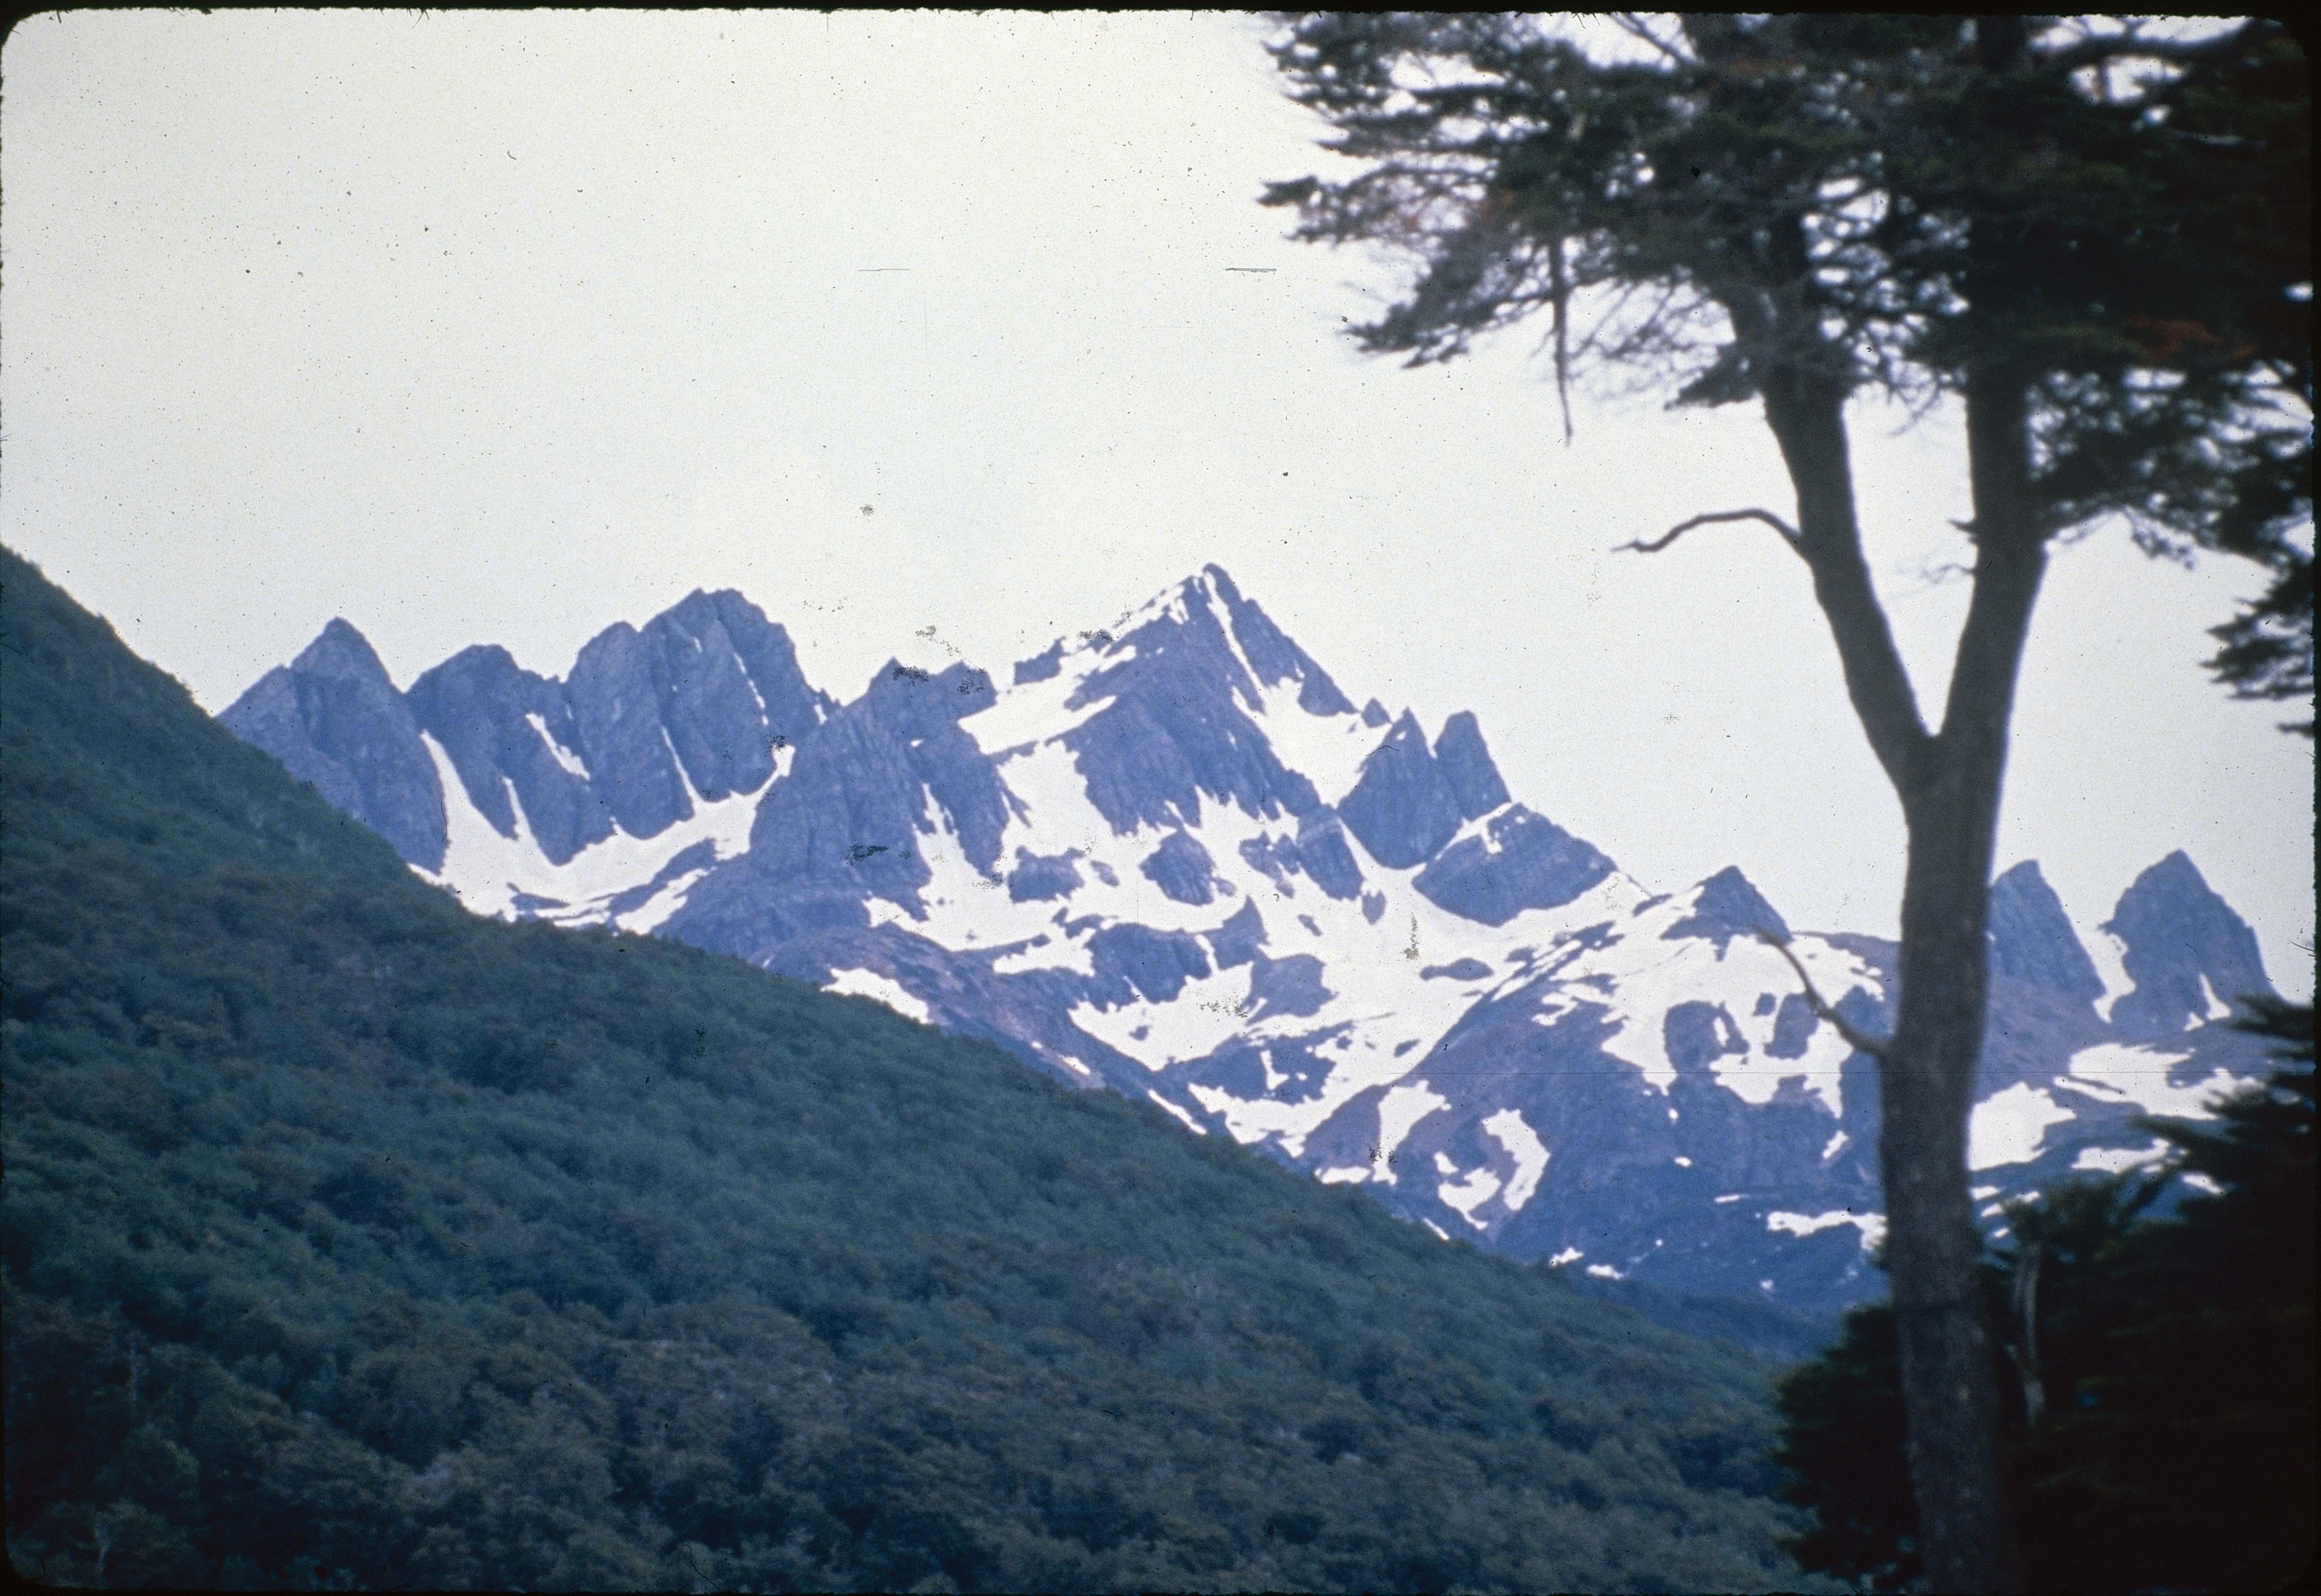 Enterreno - Fotos históricas de chile - fotos antiguas de Chile - Extremo Sur de Chile en los 90s